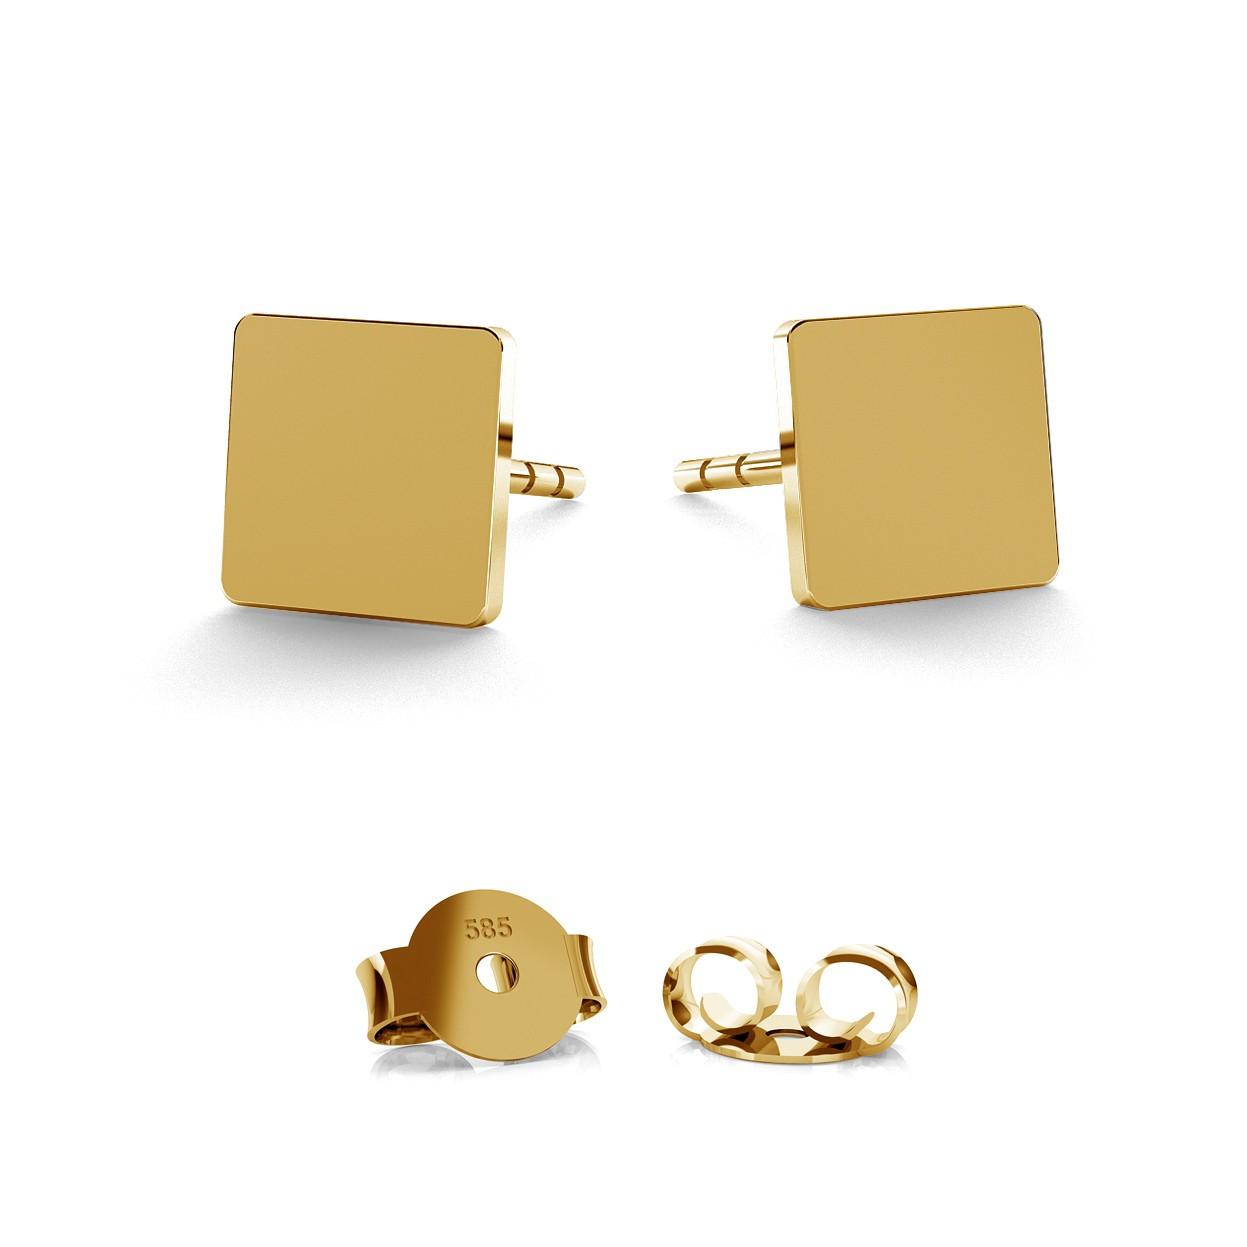 14K GOLD SQUARE EARRING, MODEL 590